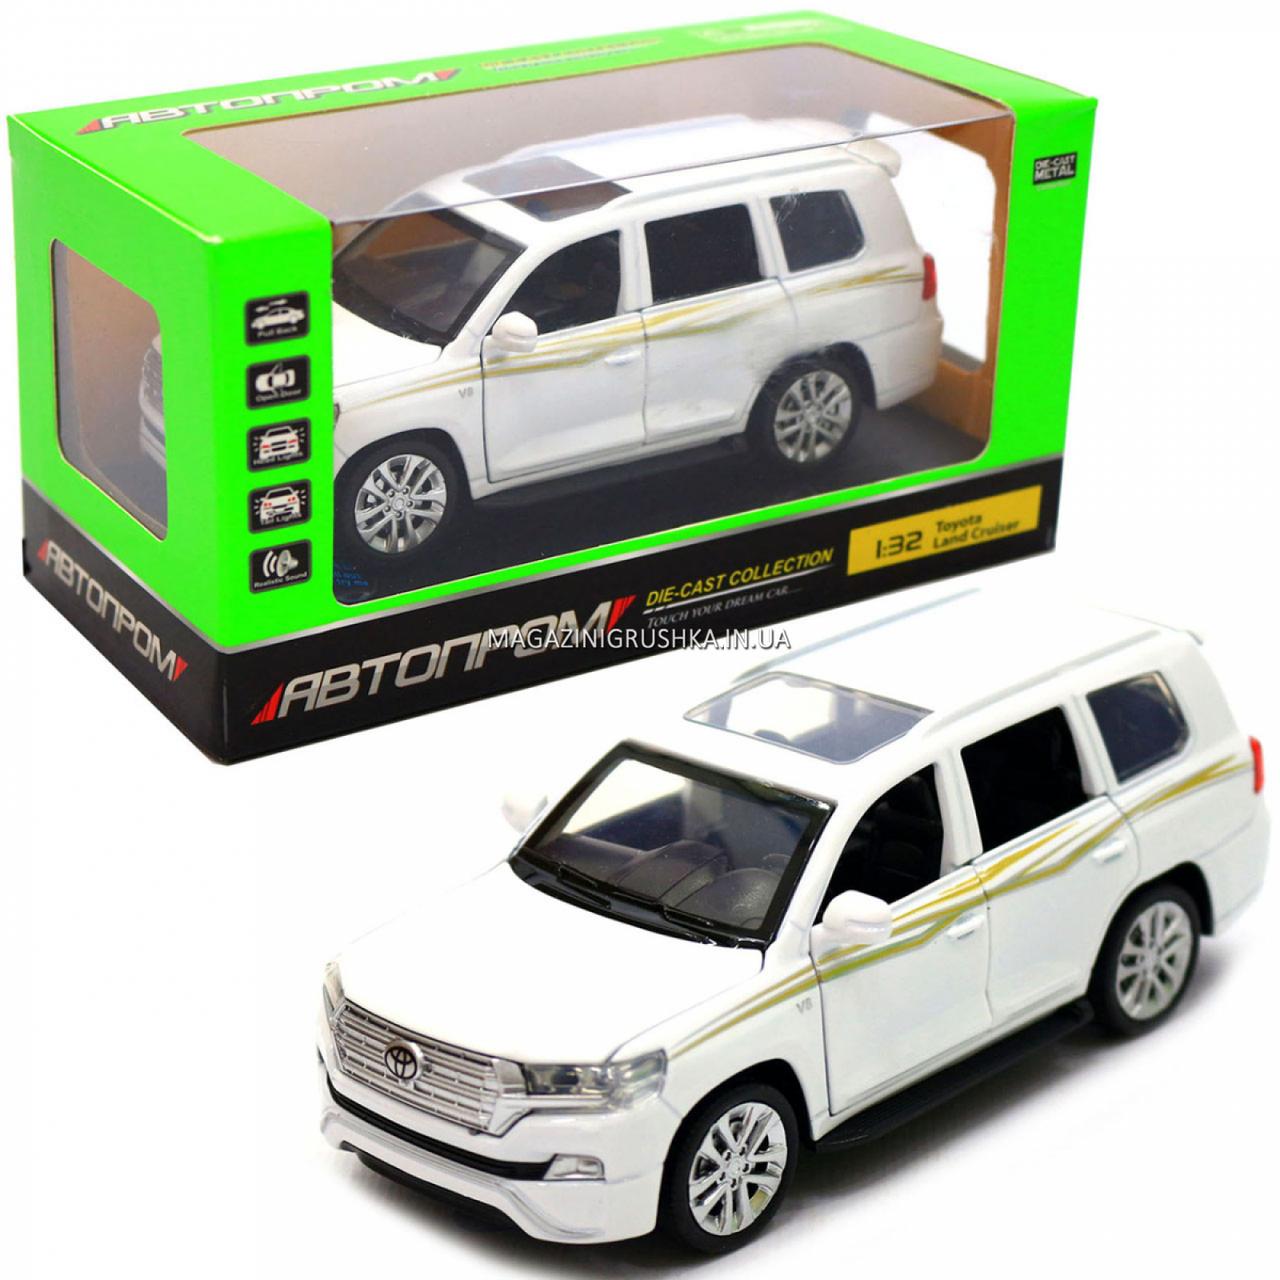 Машинка ігрова автопром «Toyota Land Cruiser» метал, біла, 14 см, (світло, звук, двері відкриваються) 6608